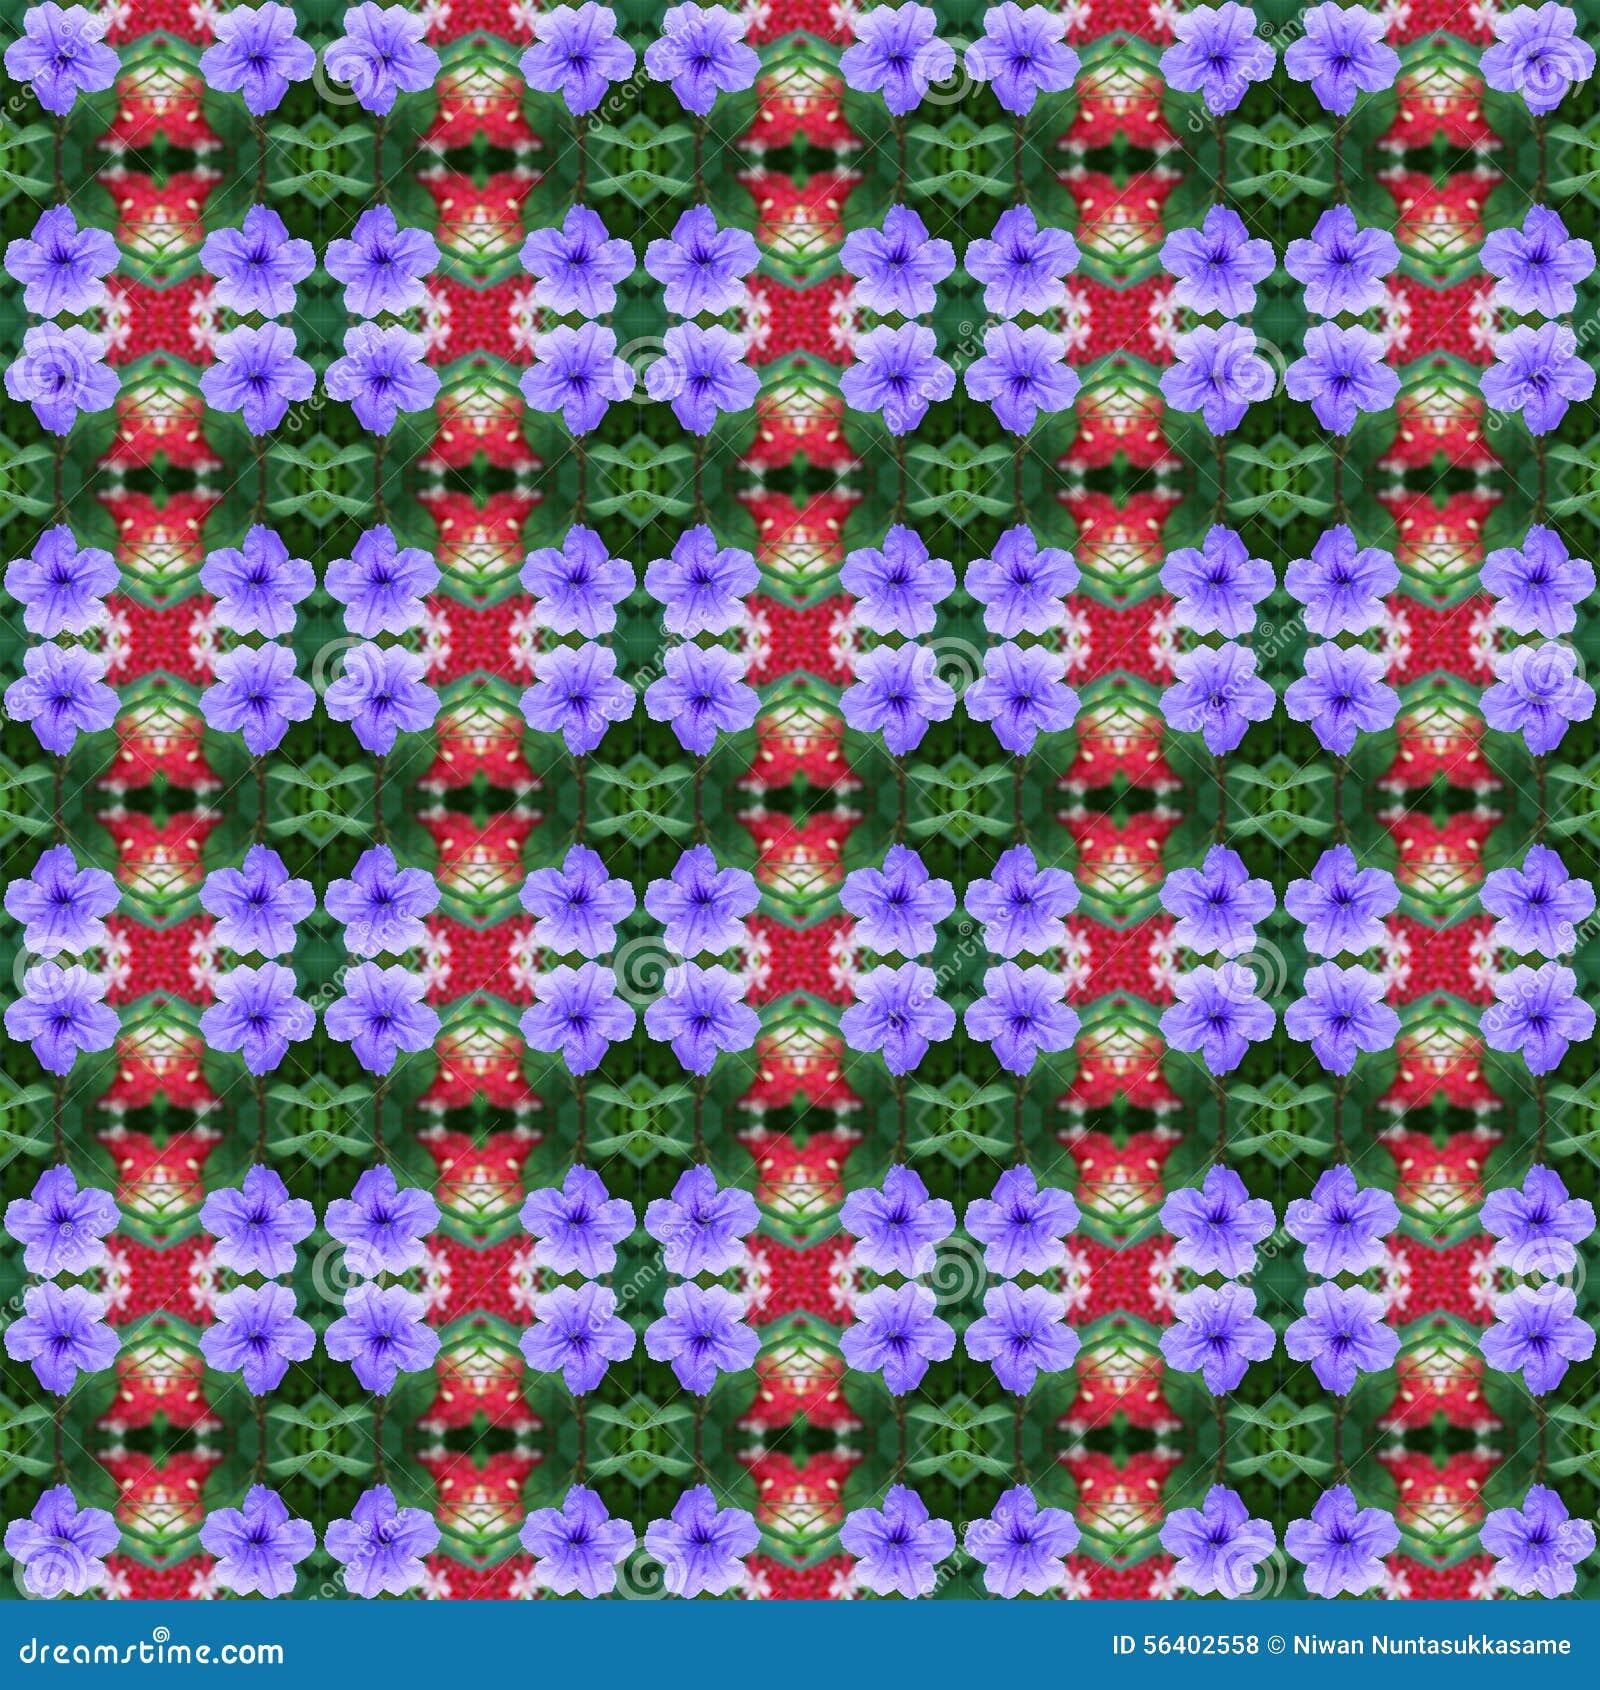 Schön von hellen seamles Ruellia-tuberosa Linnf in voller Blüte